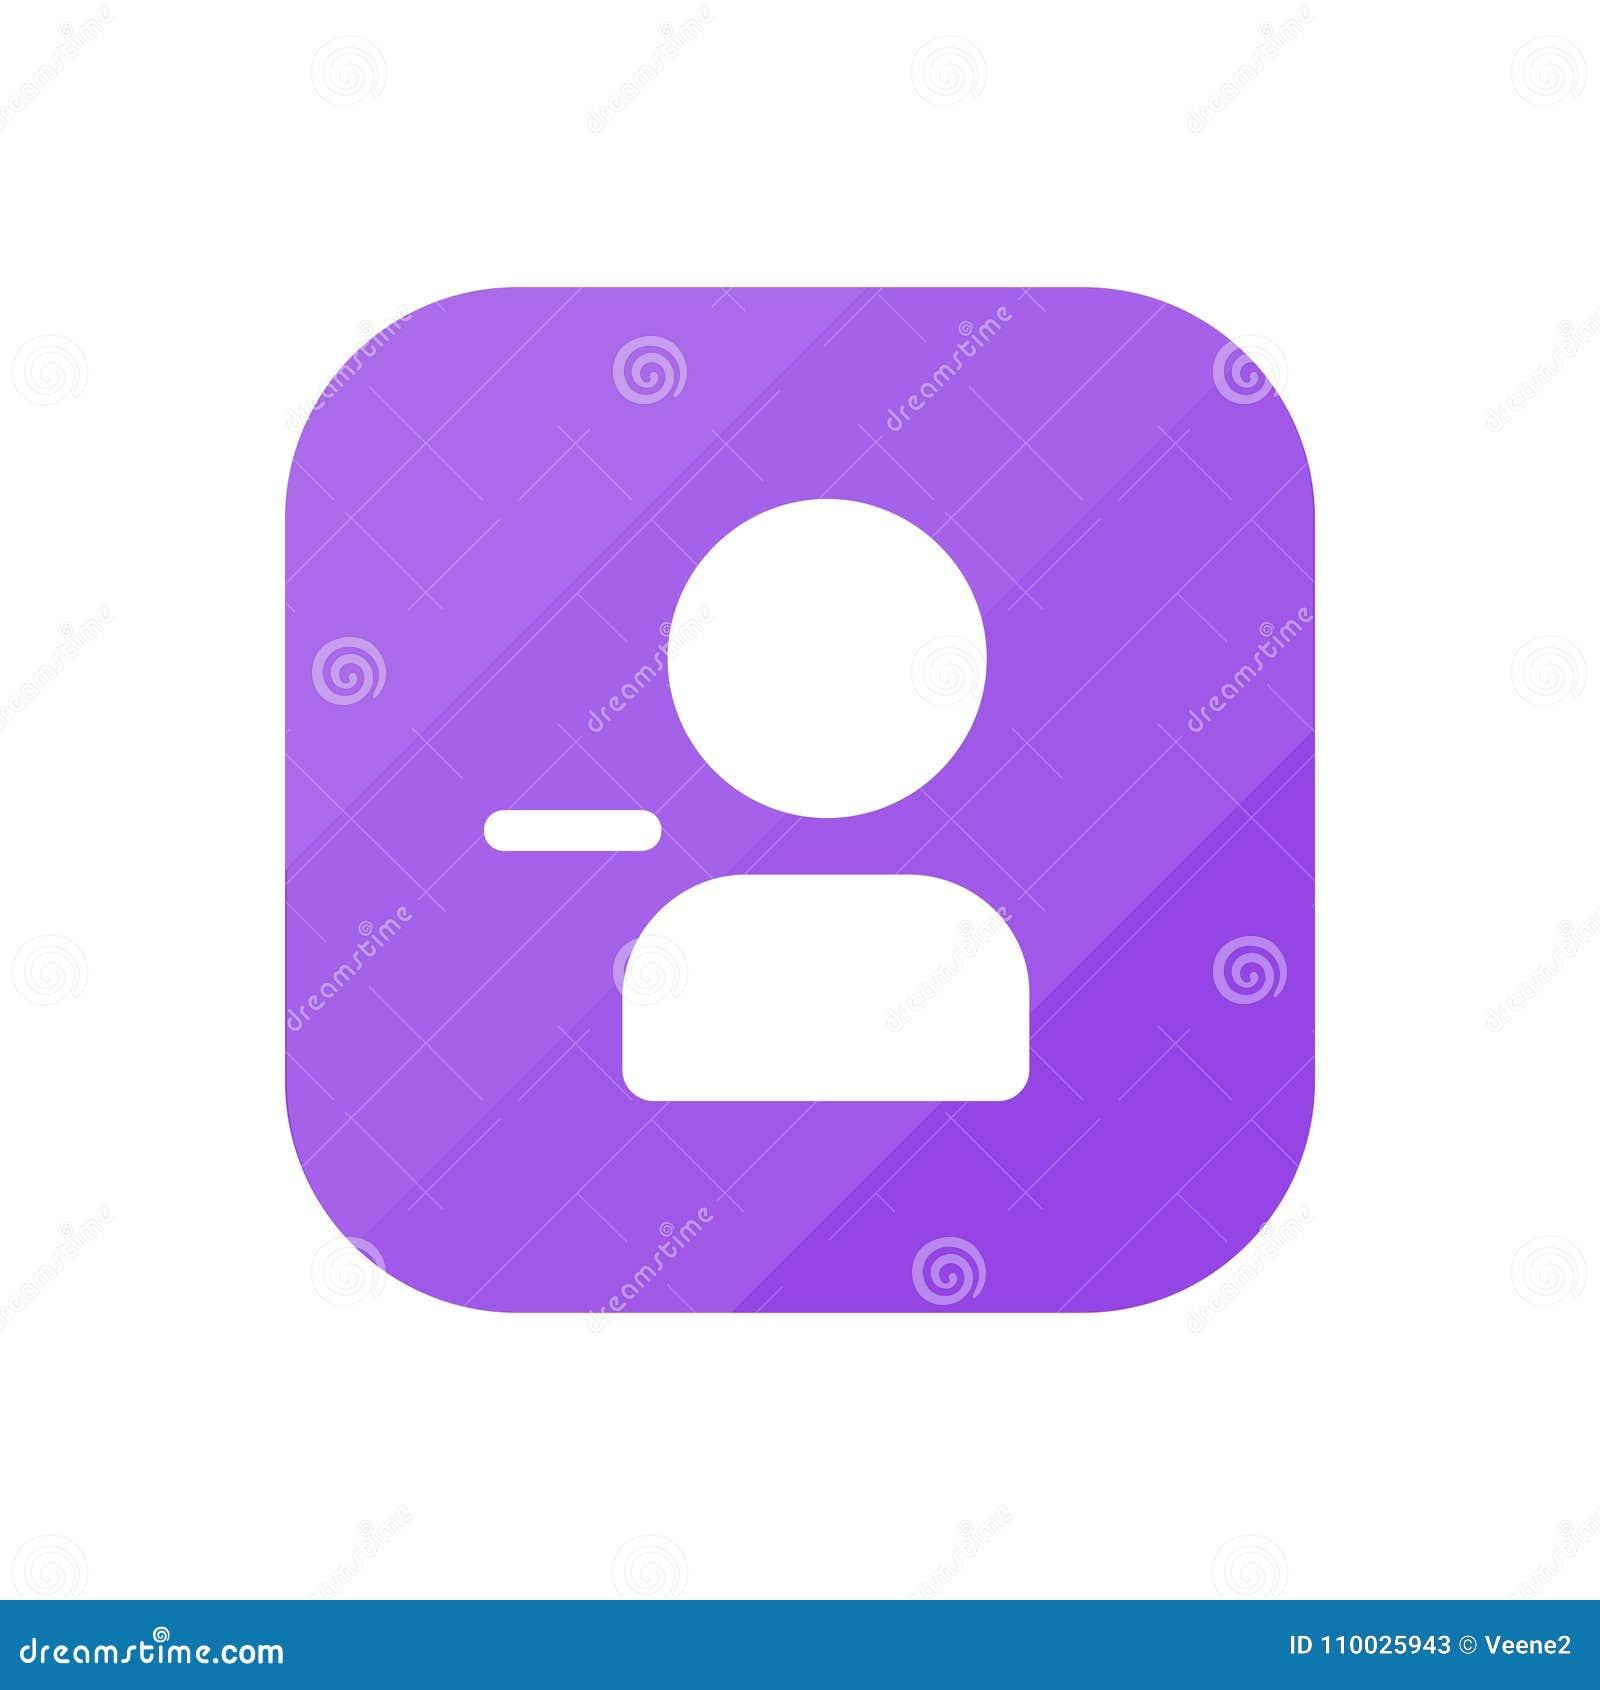 Verwijder Gebruiker - App Pictogram